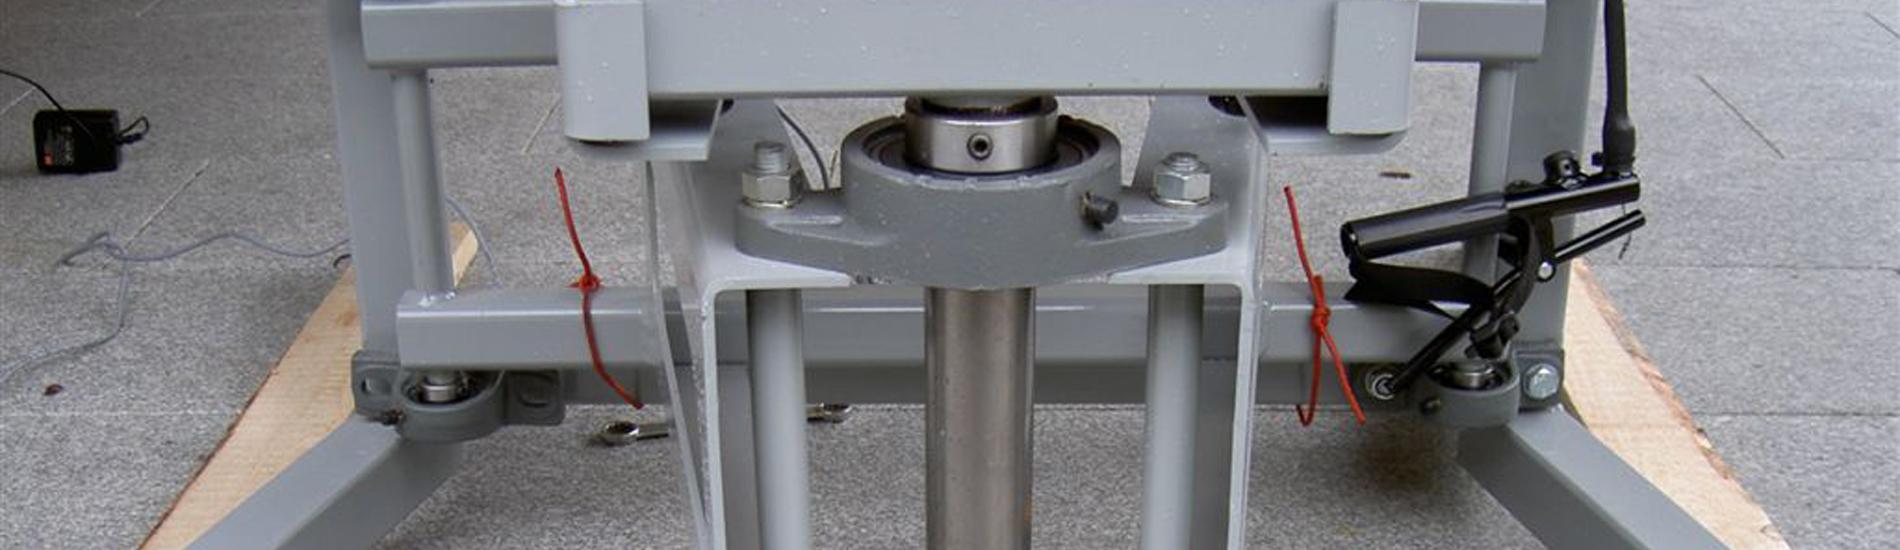 Maschinenbau & Metalltechnik